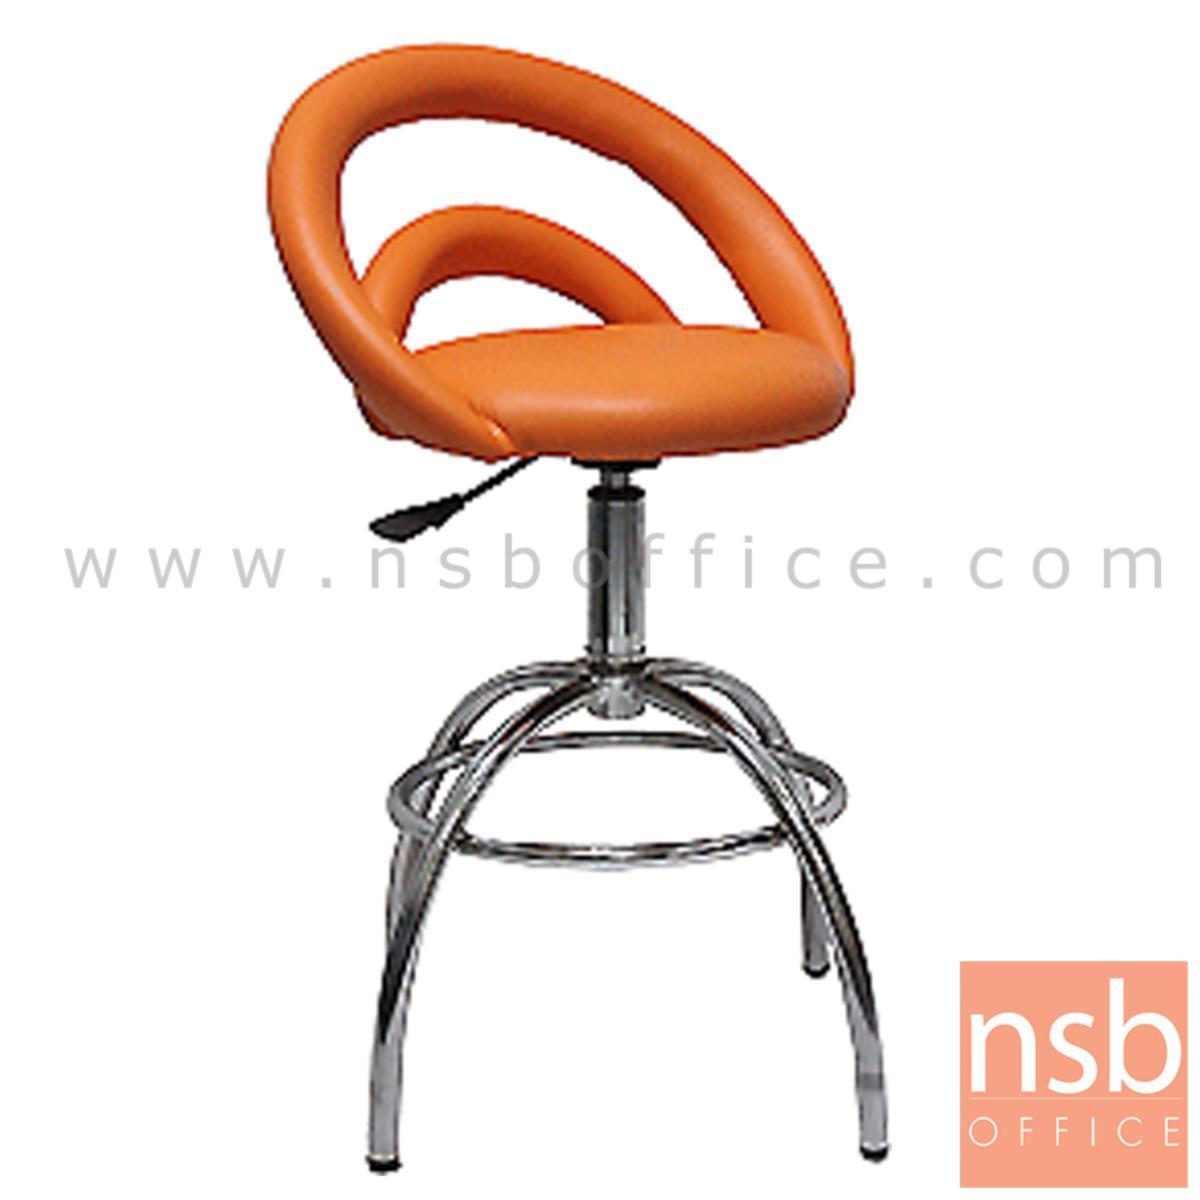 B09A108:เก้าอี้บาร์ที่นั่งกลม รุ่น Olympia (โอลิมเปีย)  โช๊คแก๊ส ขาเหล็กชุบโครเมี่ยม